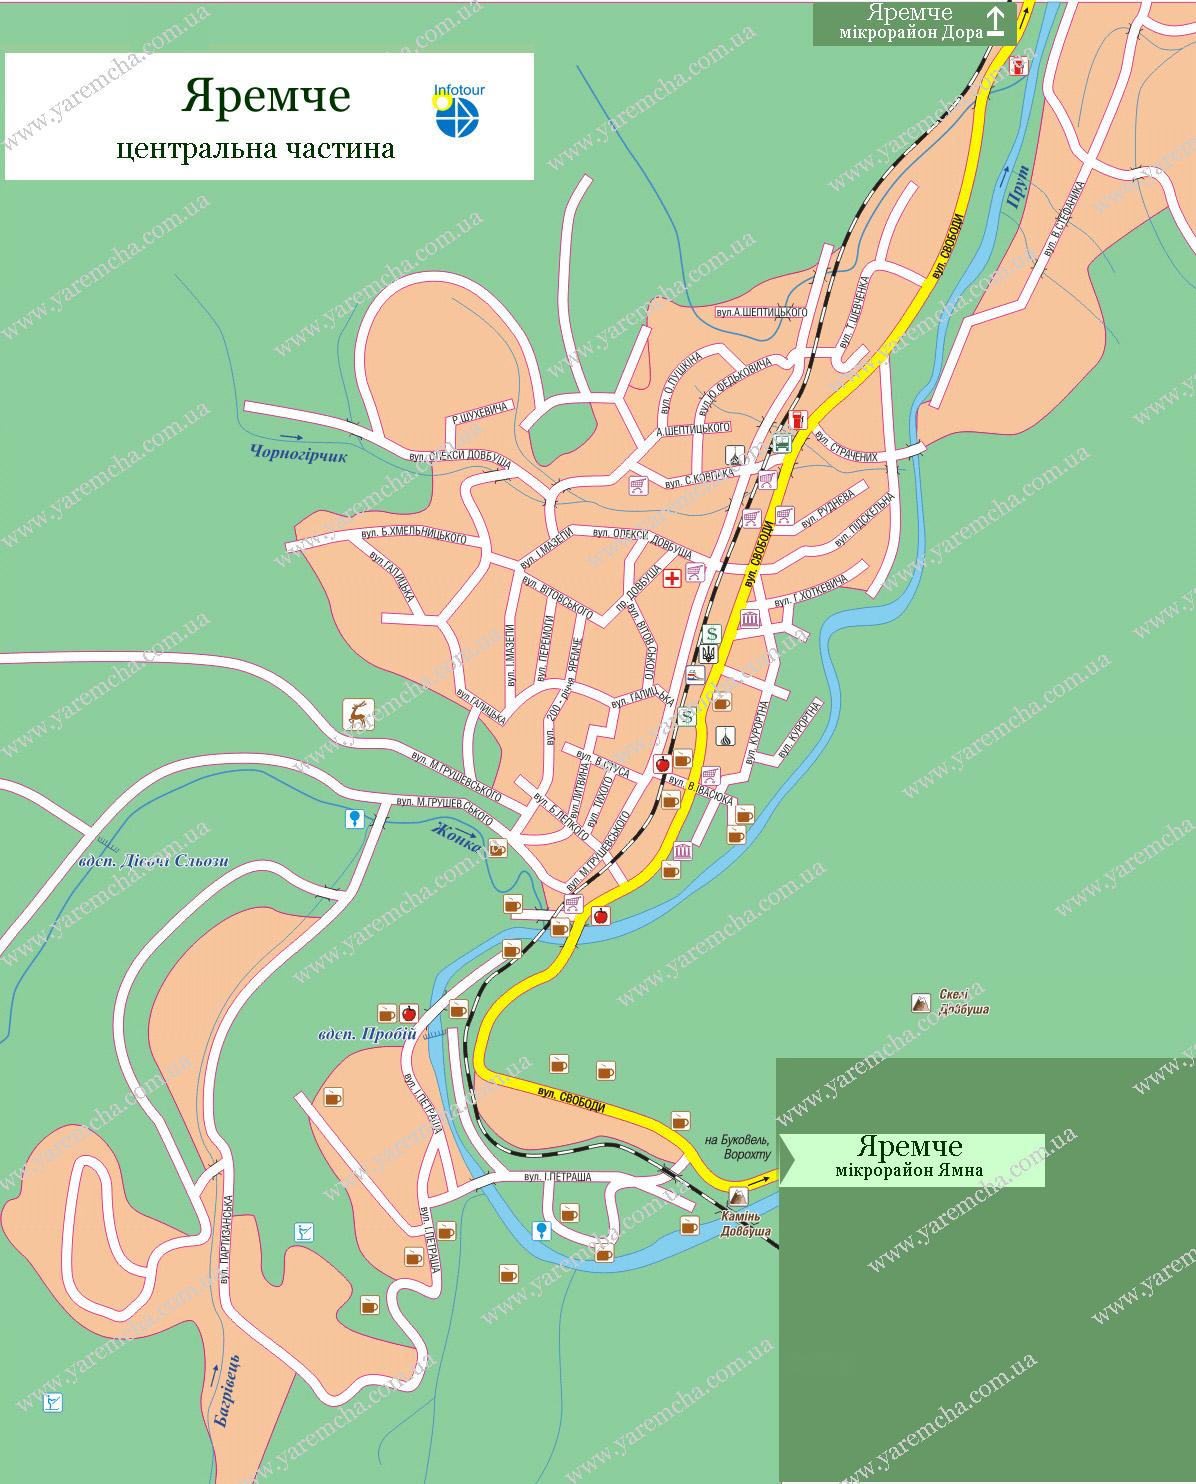 Дотатково карта яремче мікрорайон